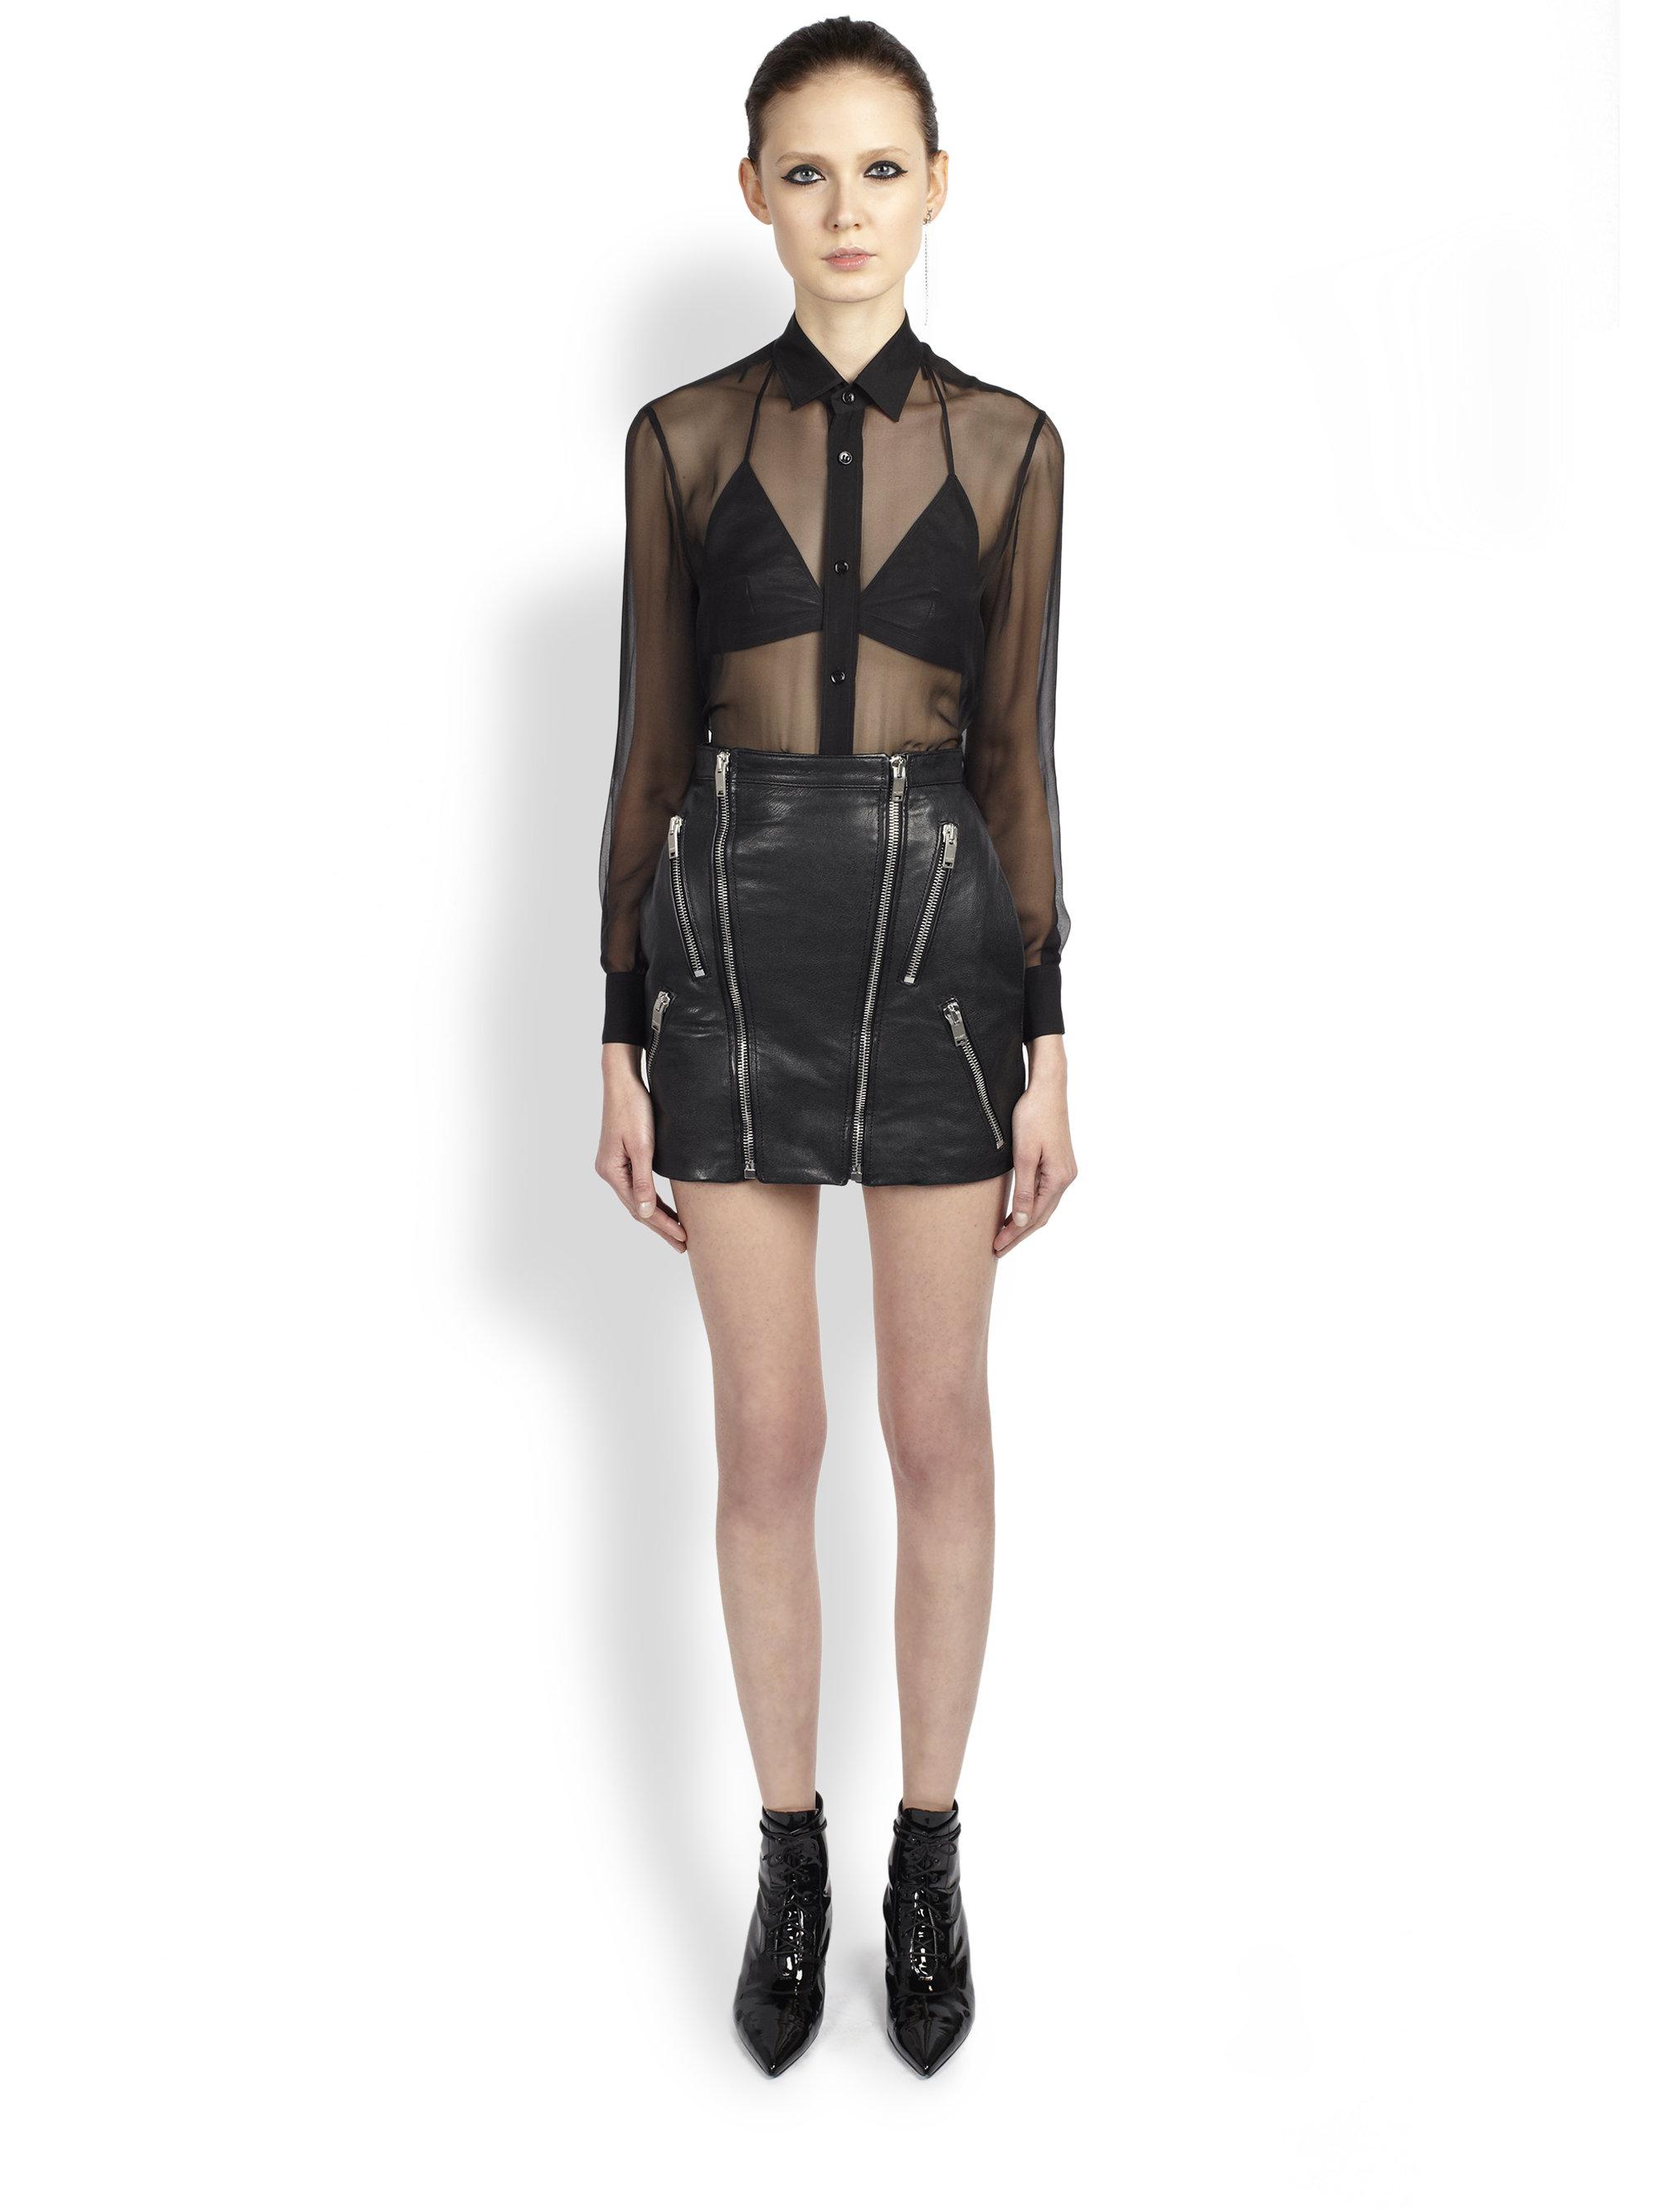 Saint laurent Leather Zipper Detail Skirt in Black | Lyst